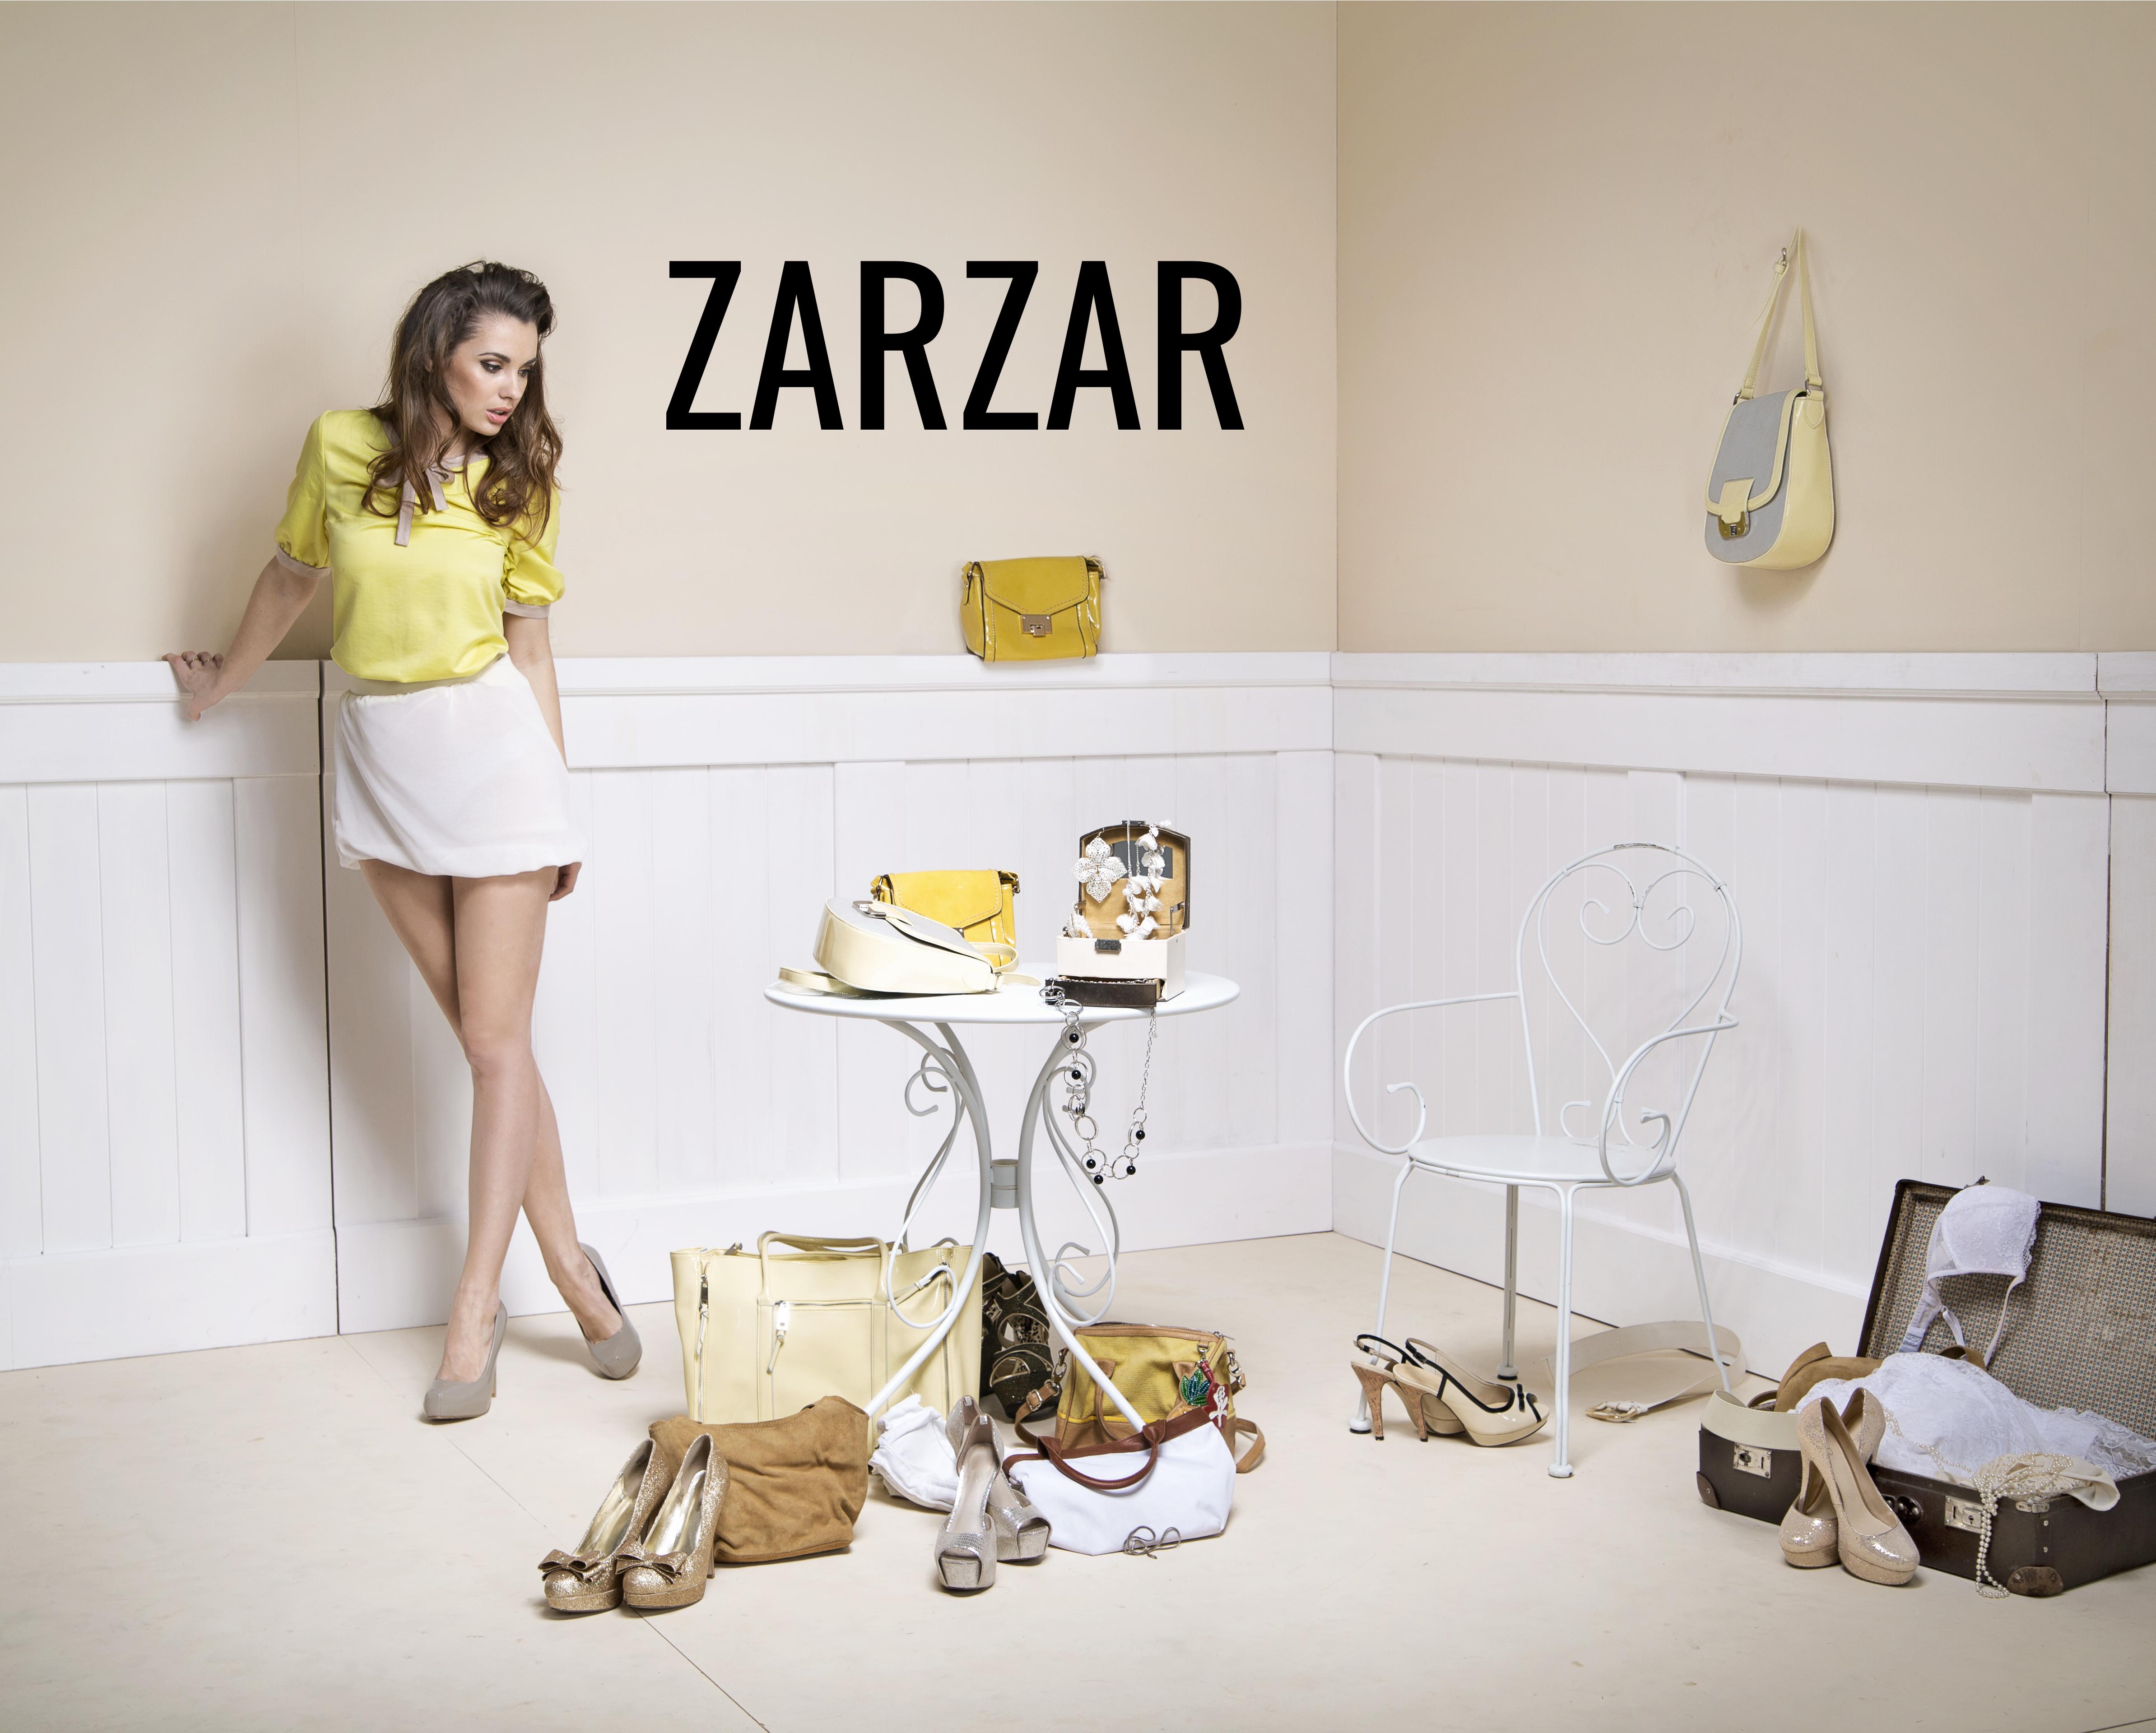 Beautiful Shoes For Women. Beautiful Fashion Model Modeling In A Room Full Of Beautiful Shoes. Beautiful High Heels For Women.